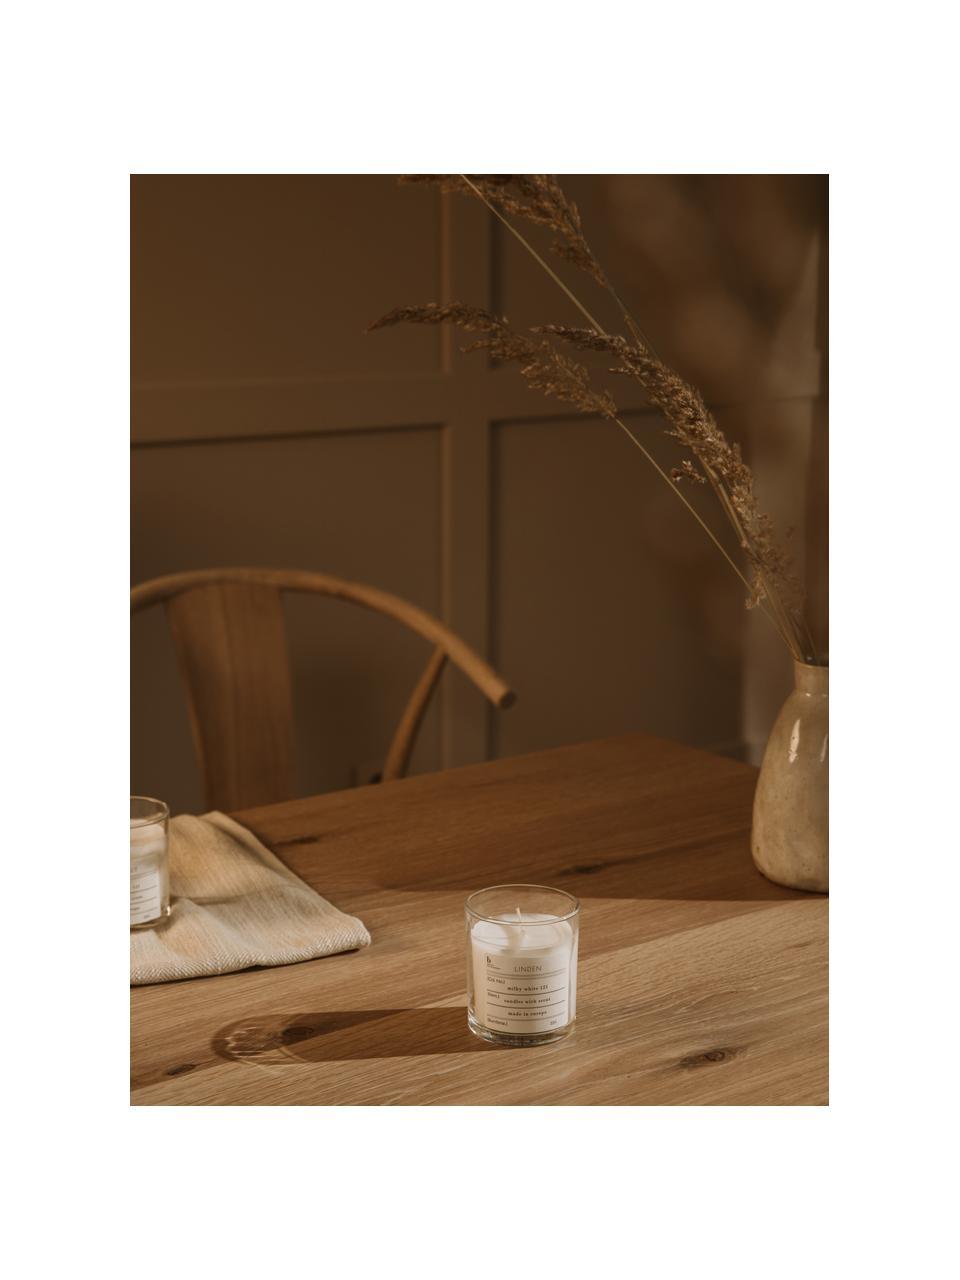 Duftkerze Linden (Lindenblüten), Natürliches Sojawachs, Glas, Lindenblüten, Ø 8 x H 8 cm